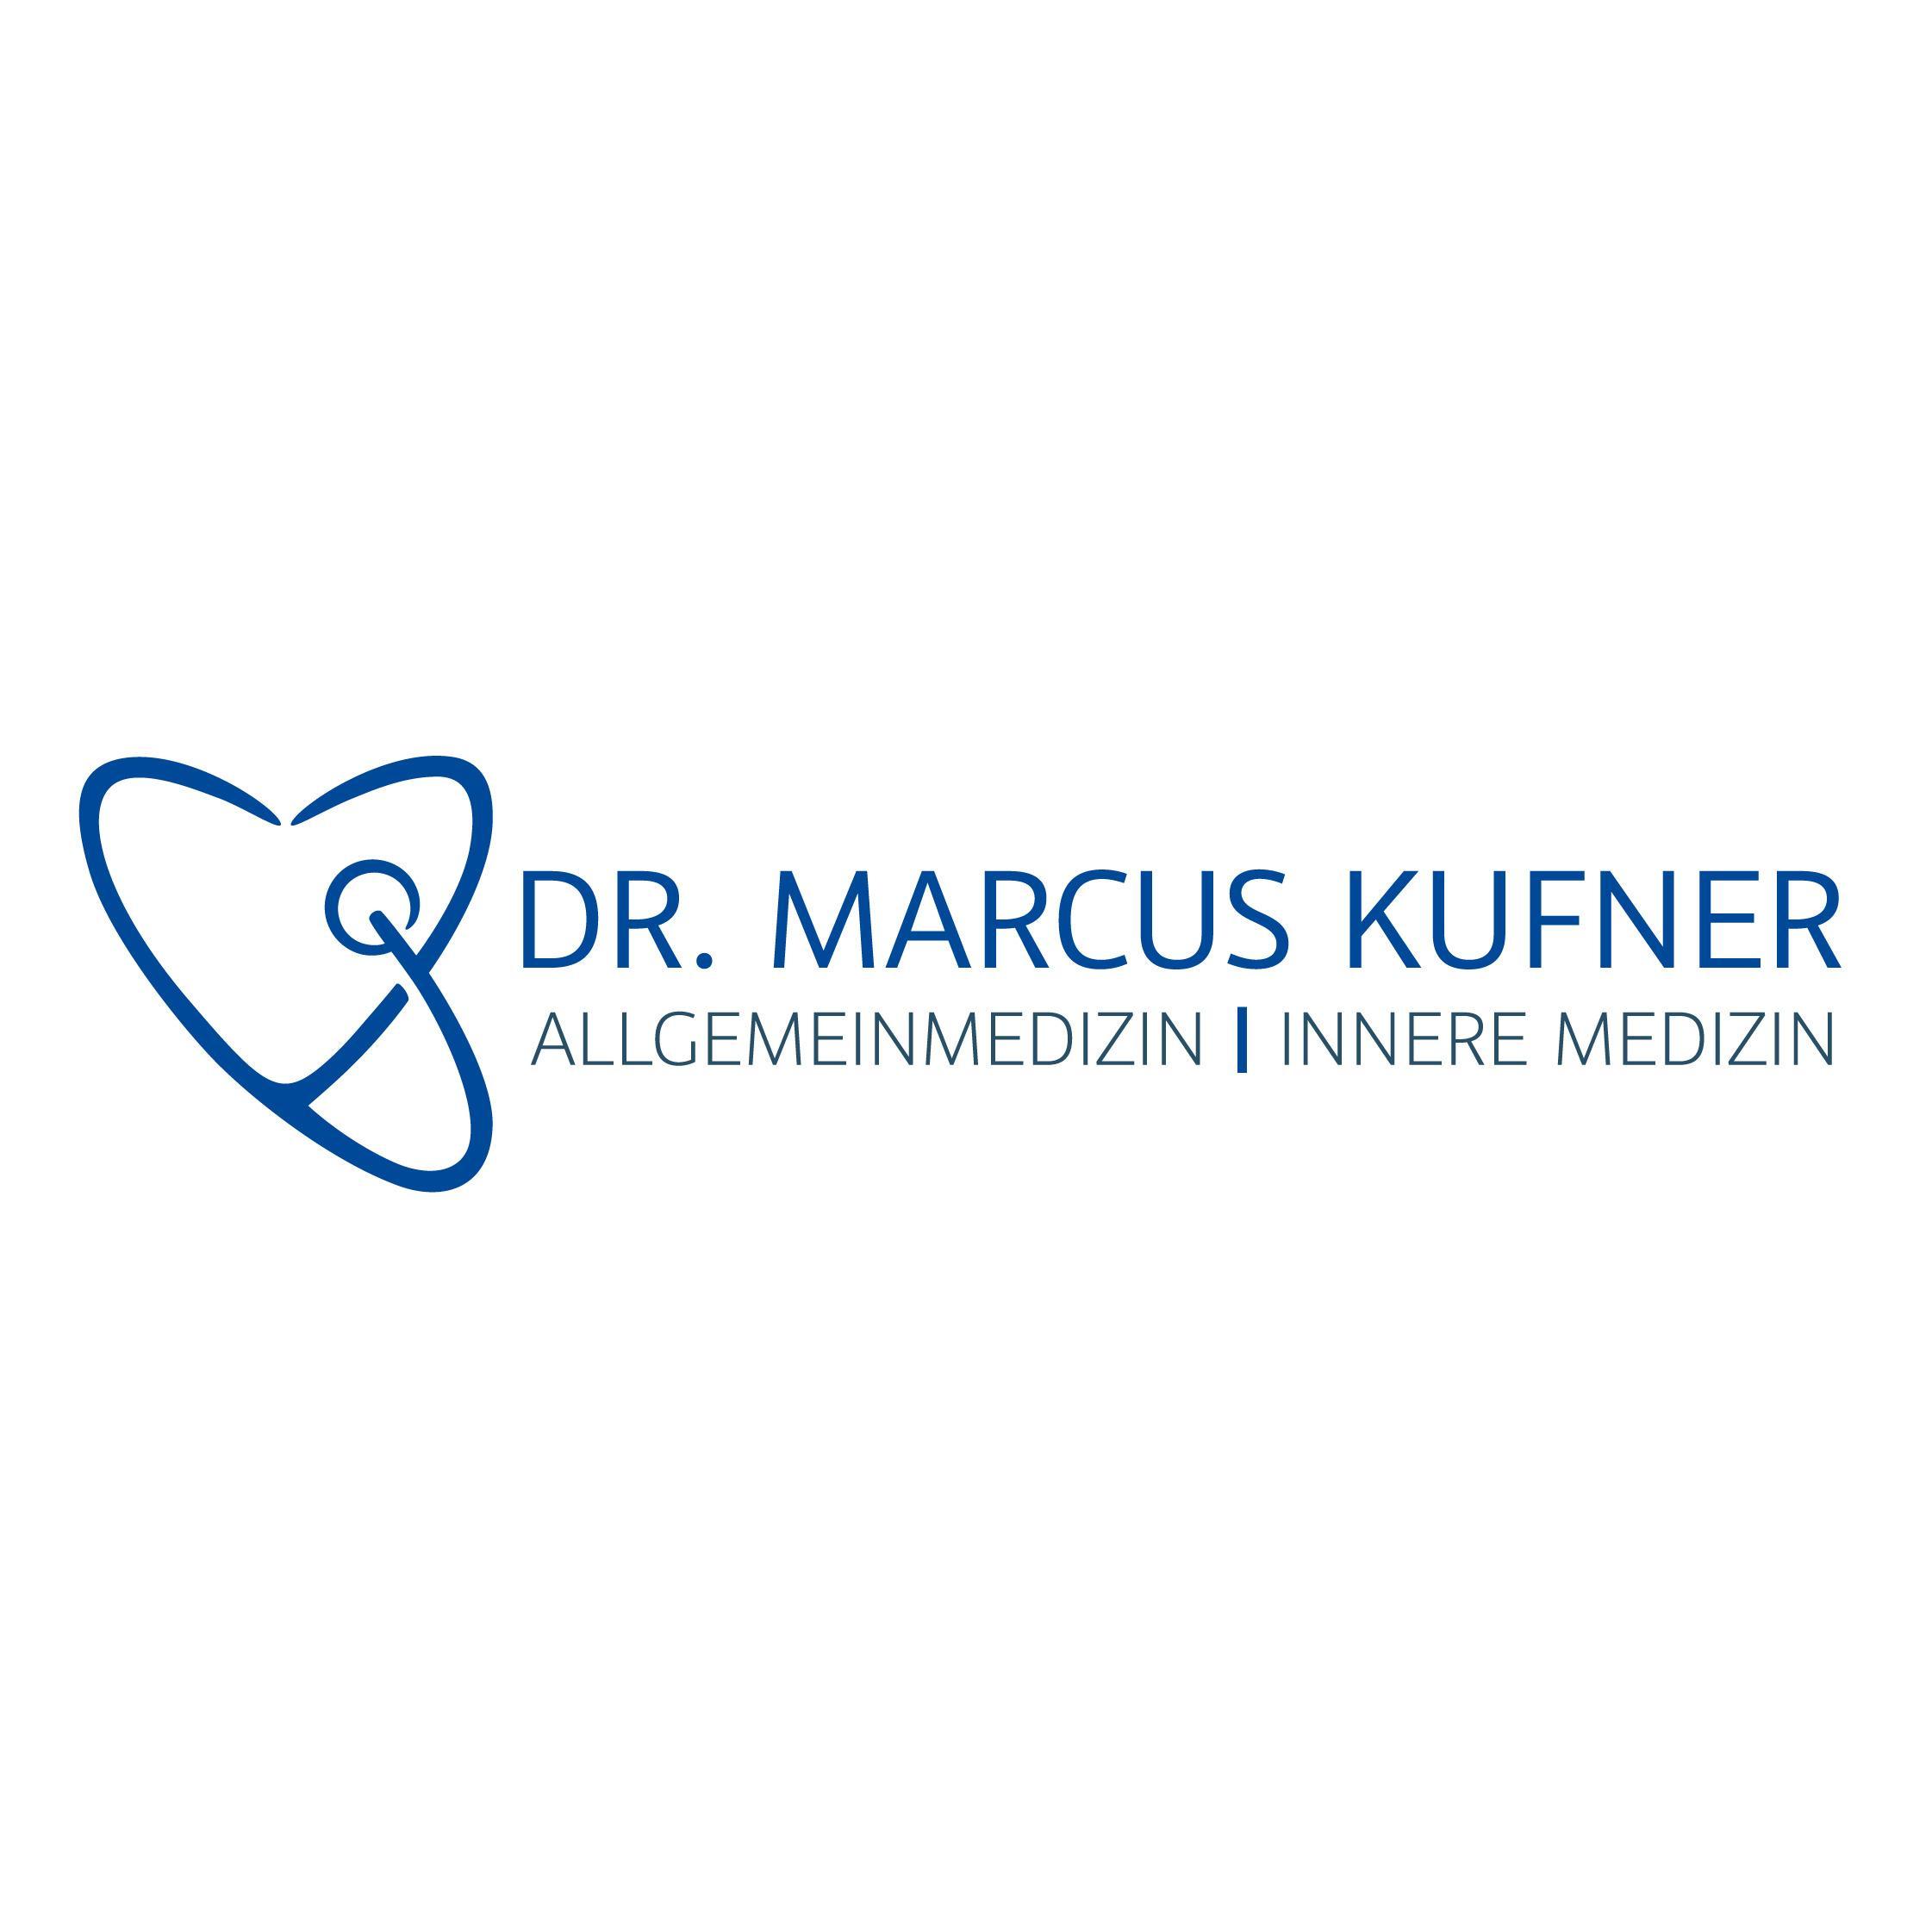 Logo von Dr. Marcus Kufner